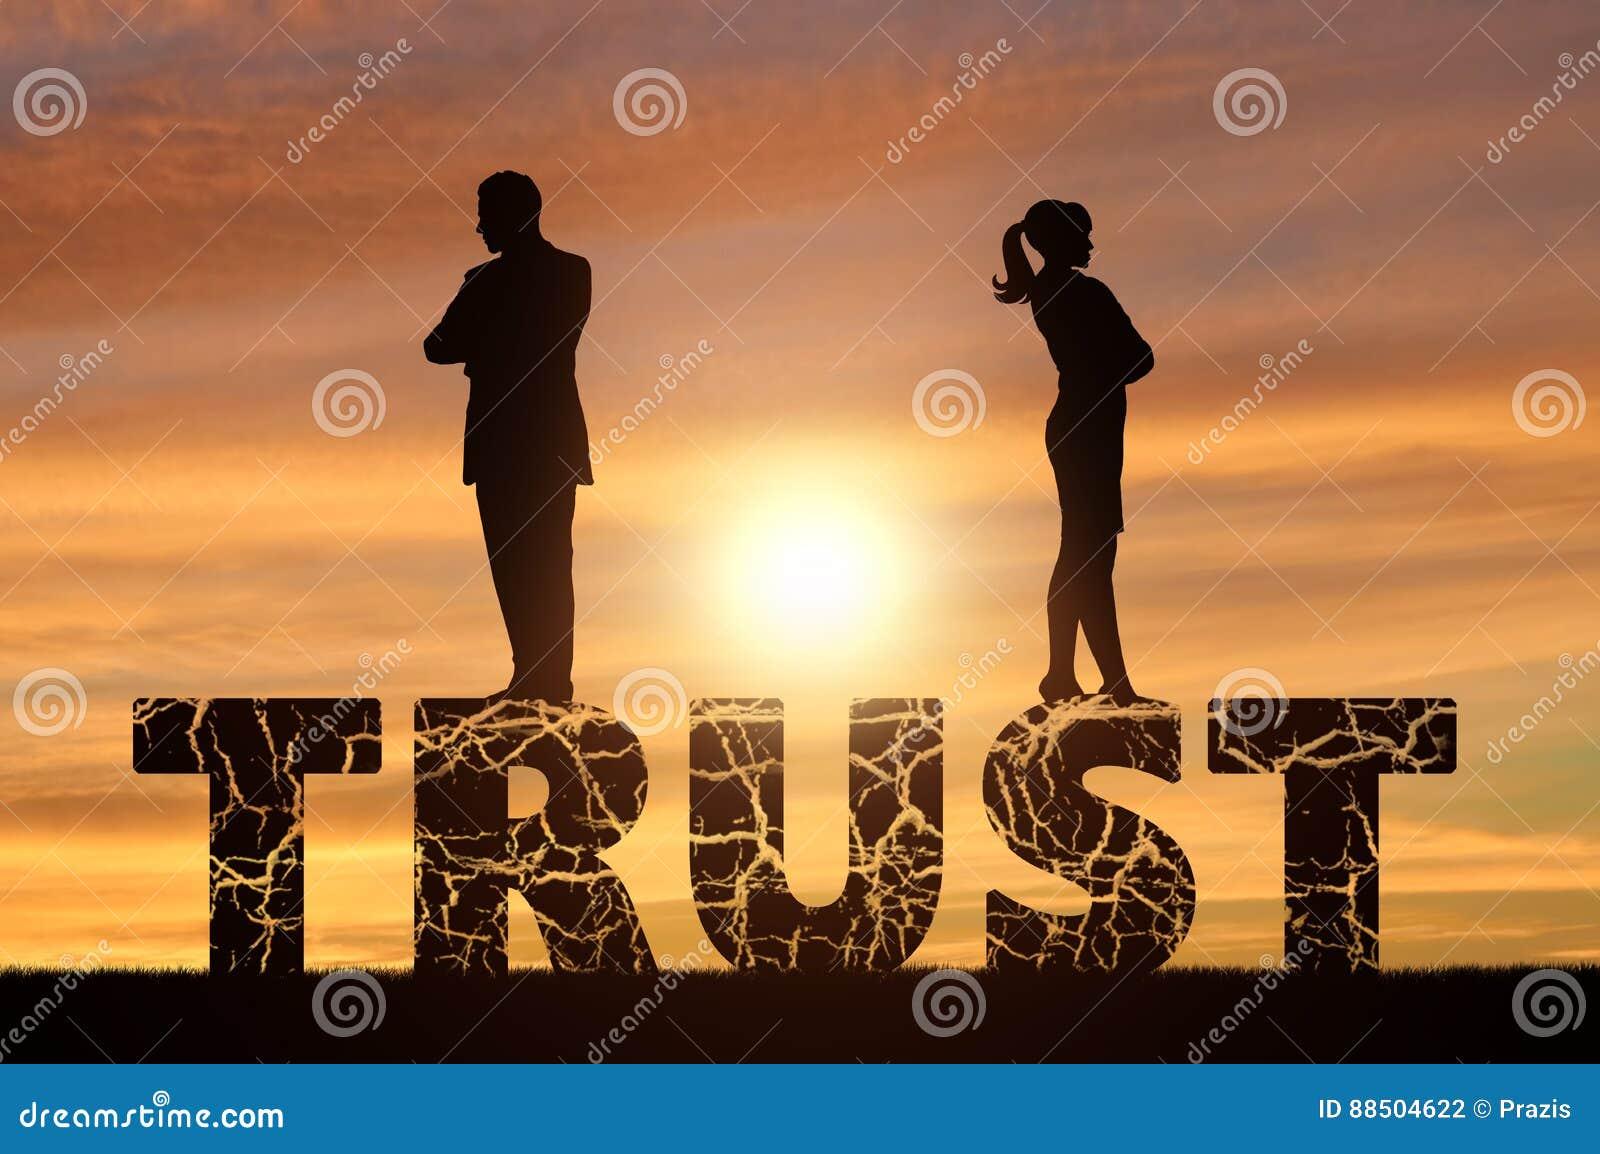 Desconfianza y traición en la familia